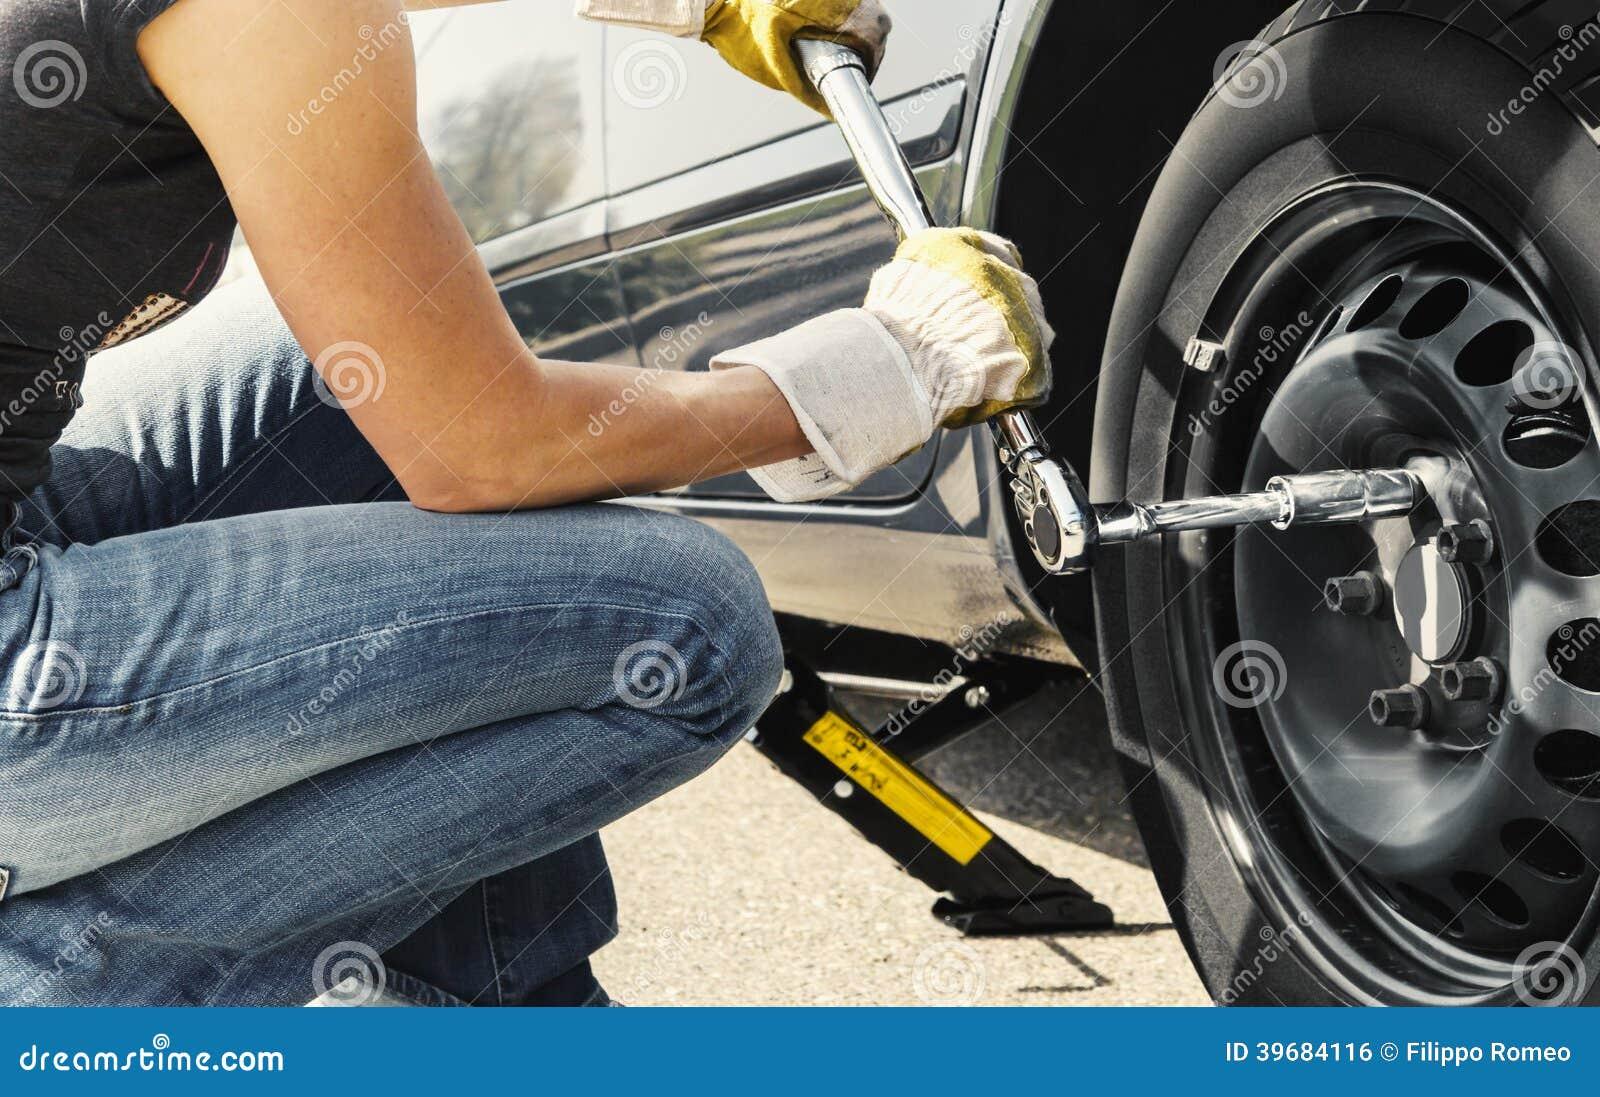 voiture changeante de pneu de femme photo stock image 39684116. Black Bedroom Furniture Sets. Home Design Ideas